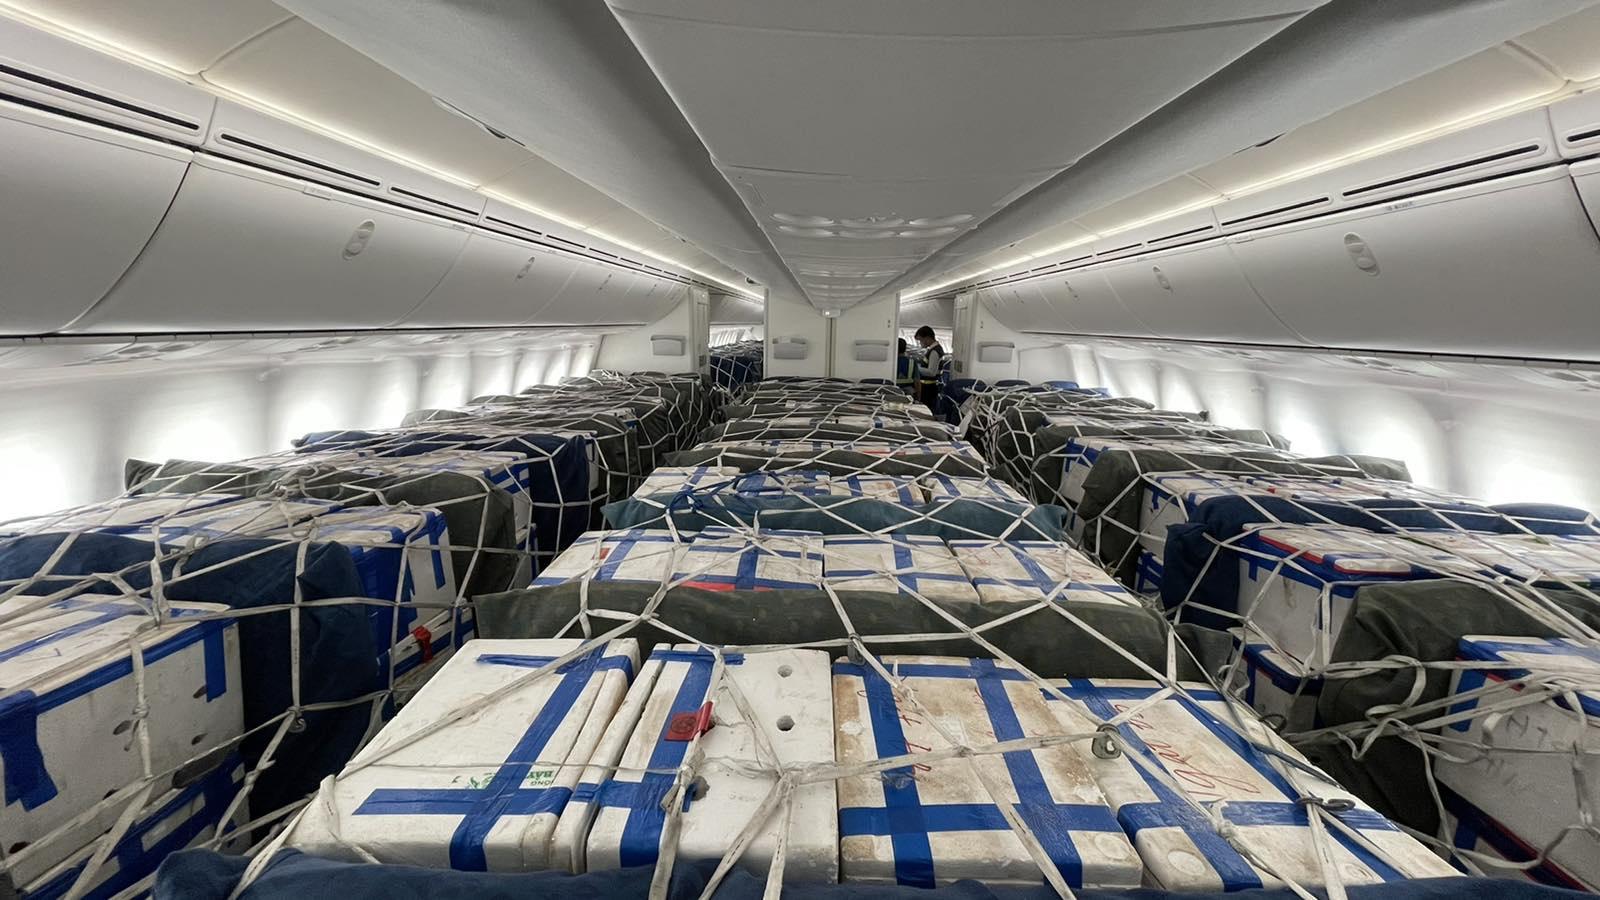 Lần đầu tiên Vietnam Airlines bố trí riêng một siêu máy bay chỉ để chở vải thiều ẢNH: VNA